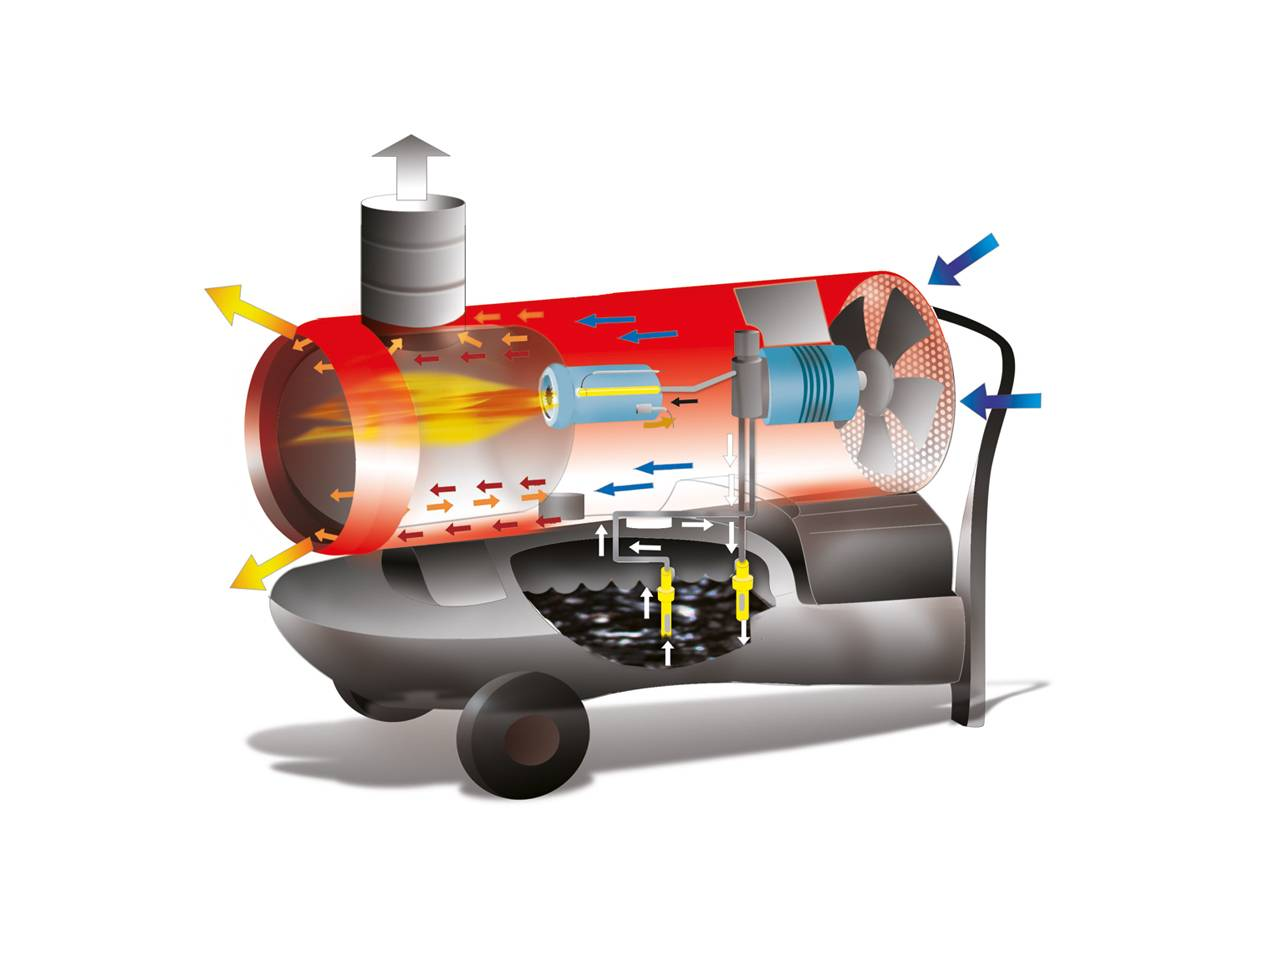 Тепловые пушки: область применения, конструкция, виды, критерии выбора